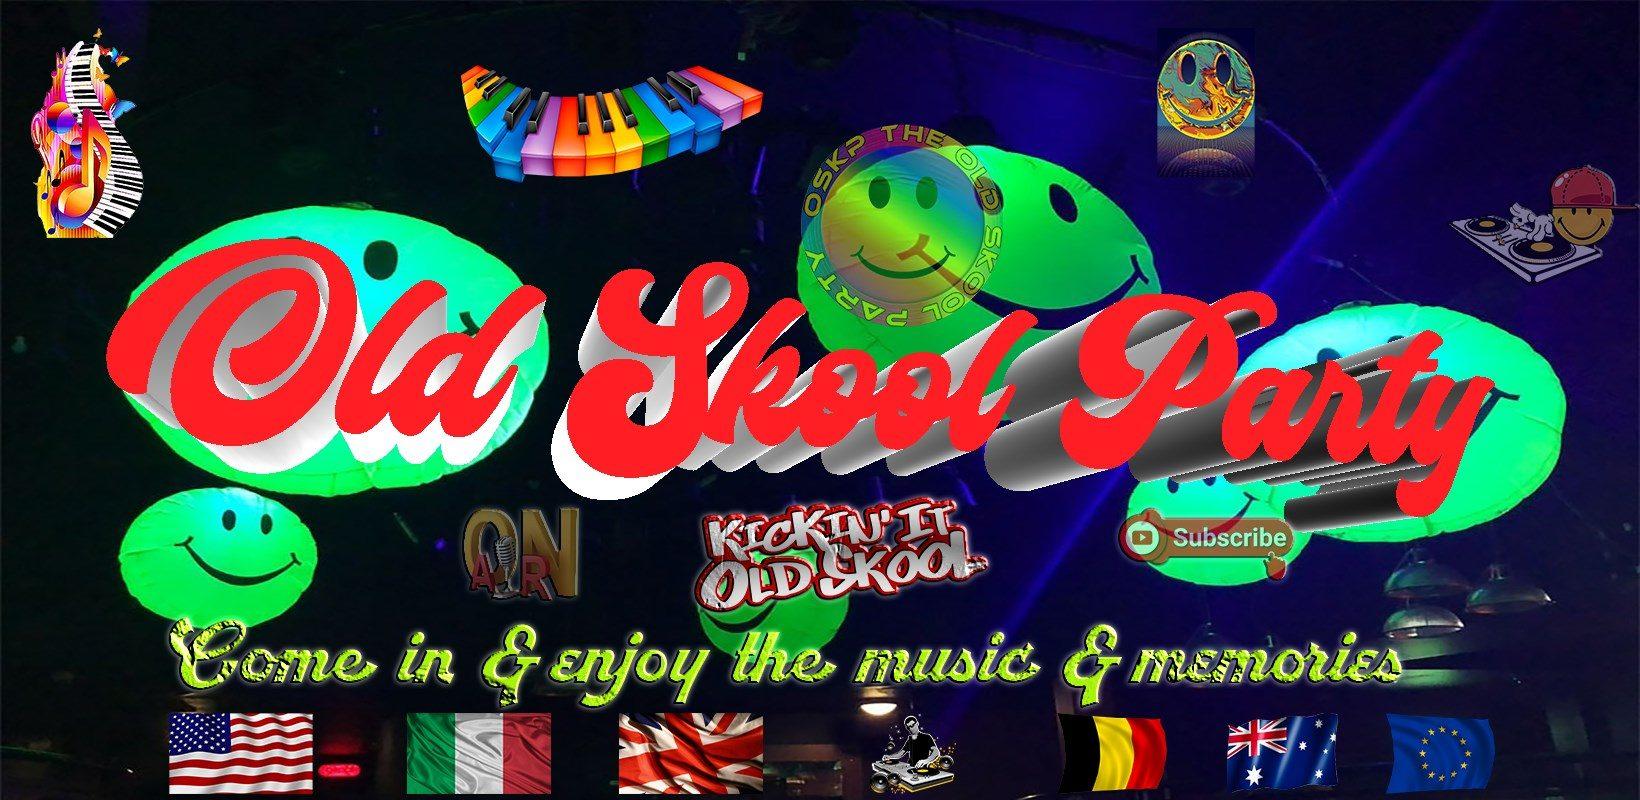 OSKP: OLD SKOOL PARTY